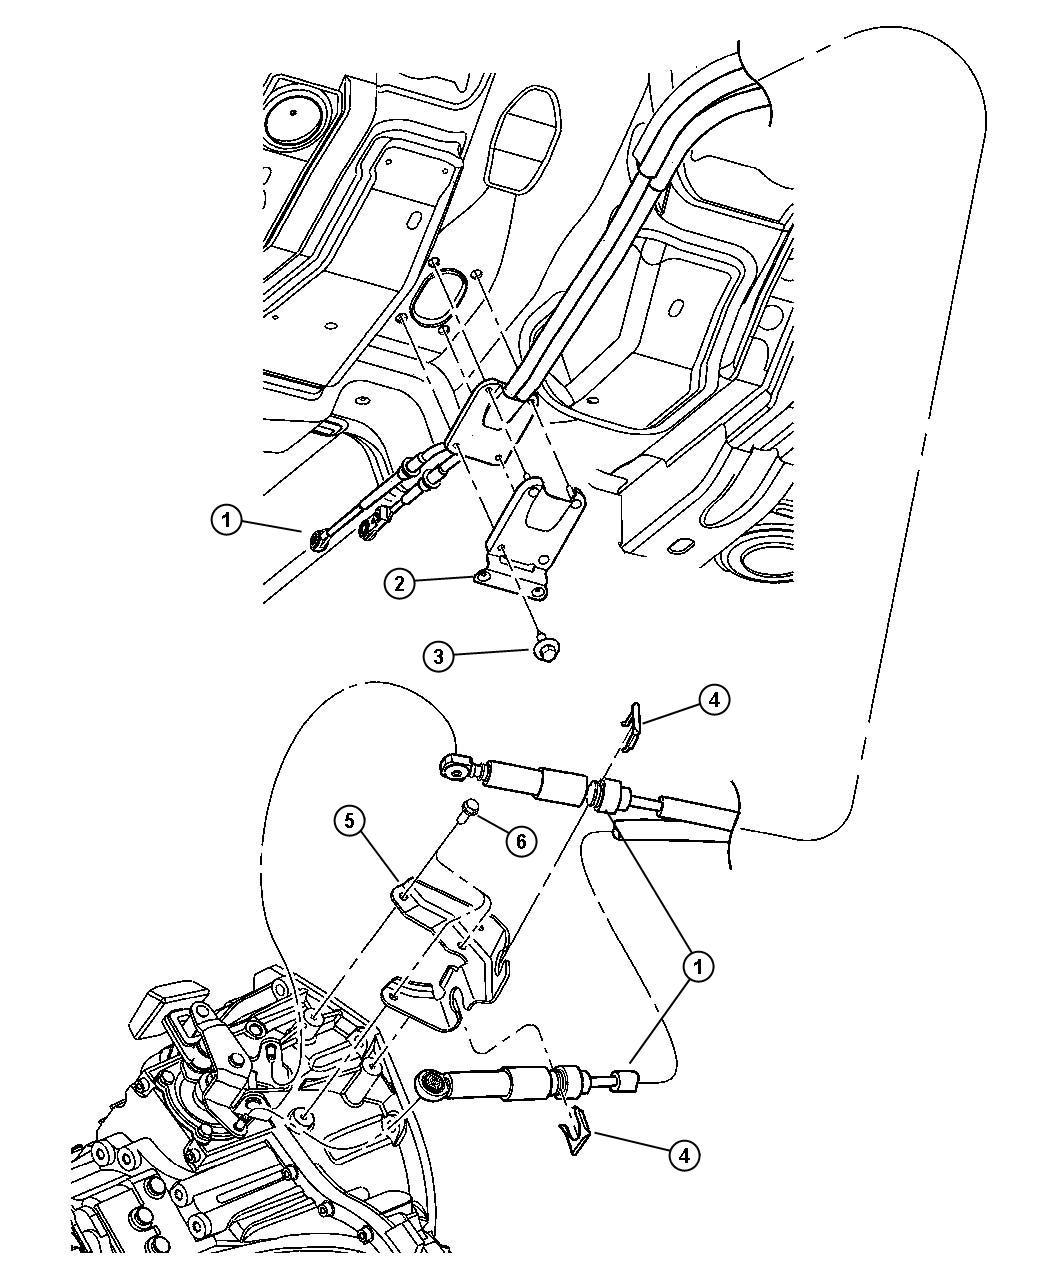 Chrysler Pt Cruiser Gear Shift Mechanism